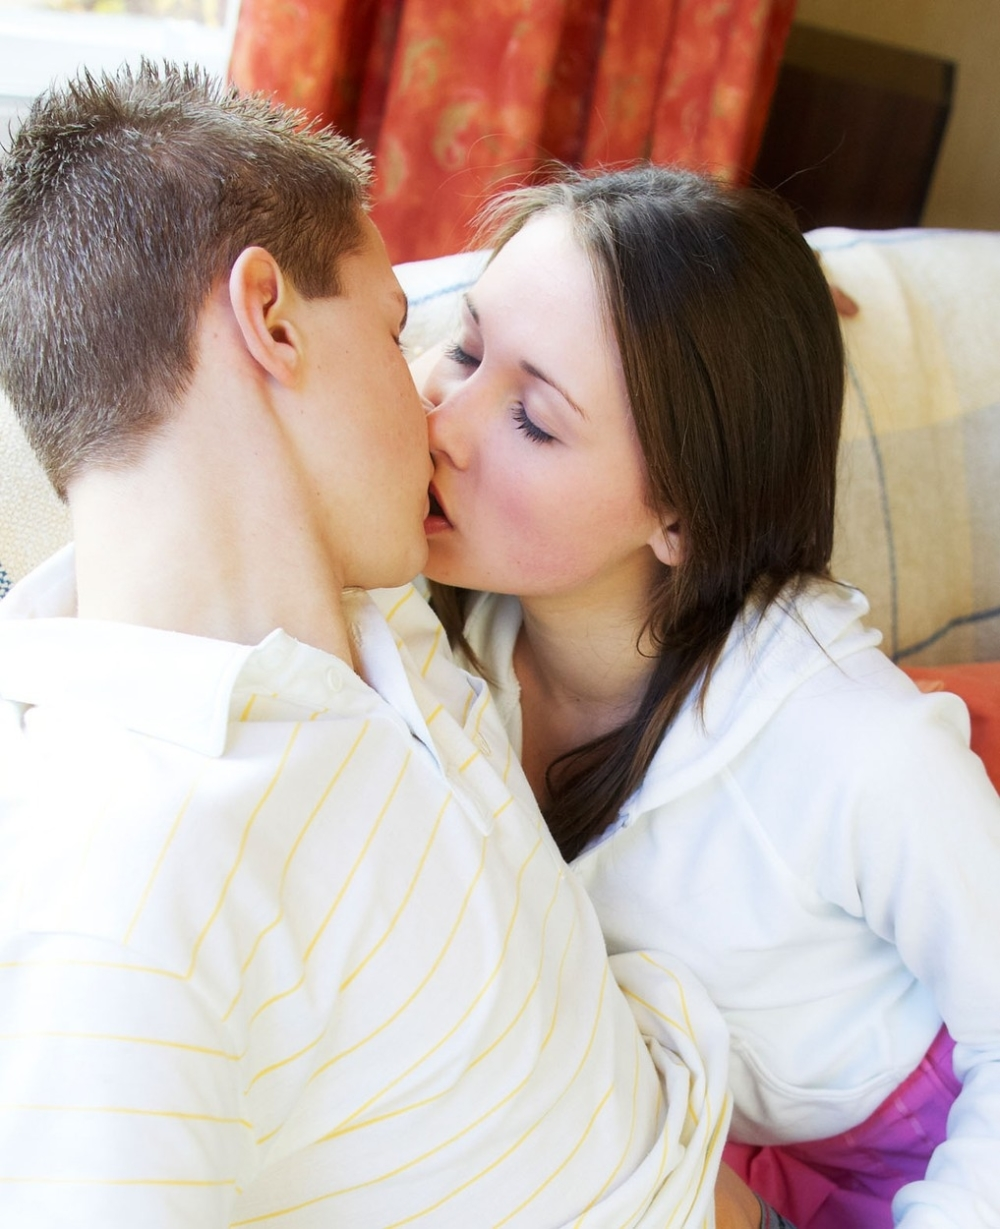 azijski mama sina seks videa